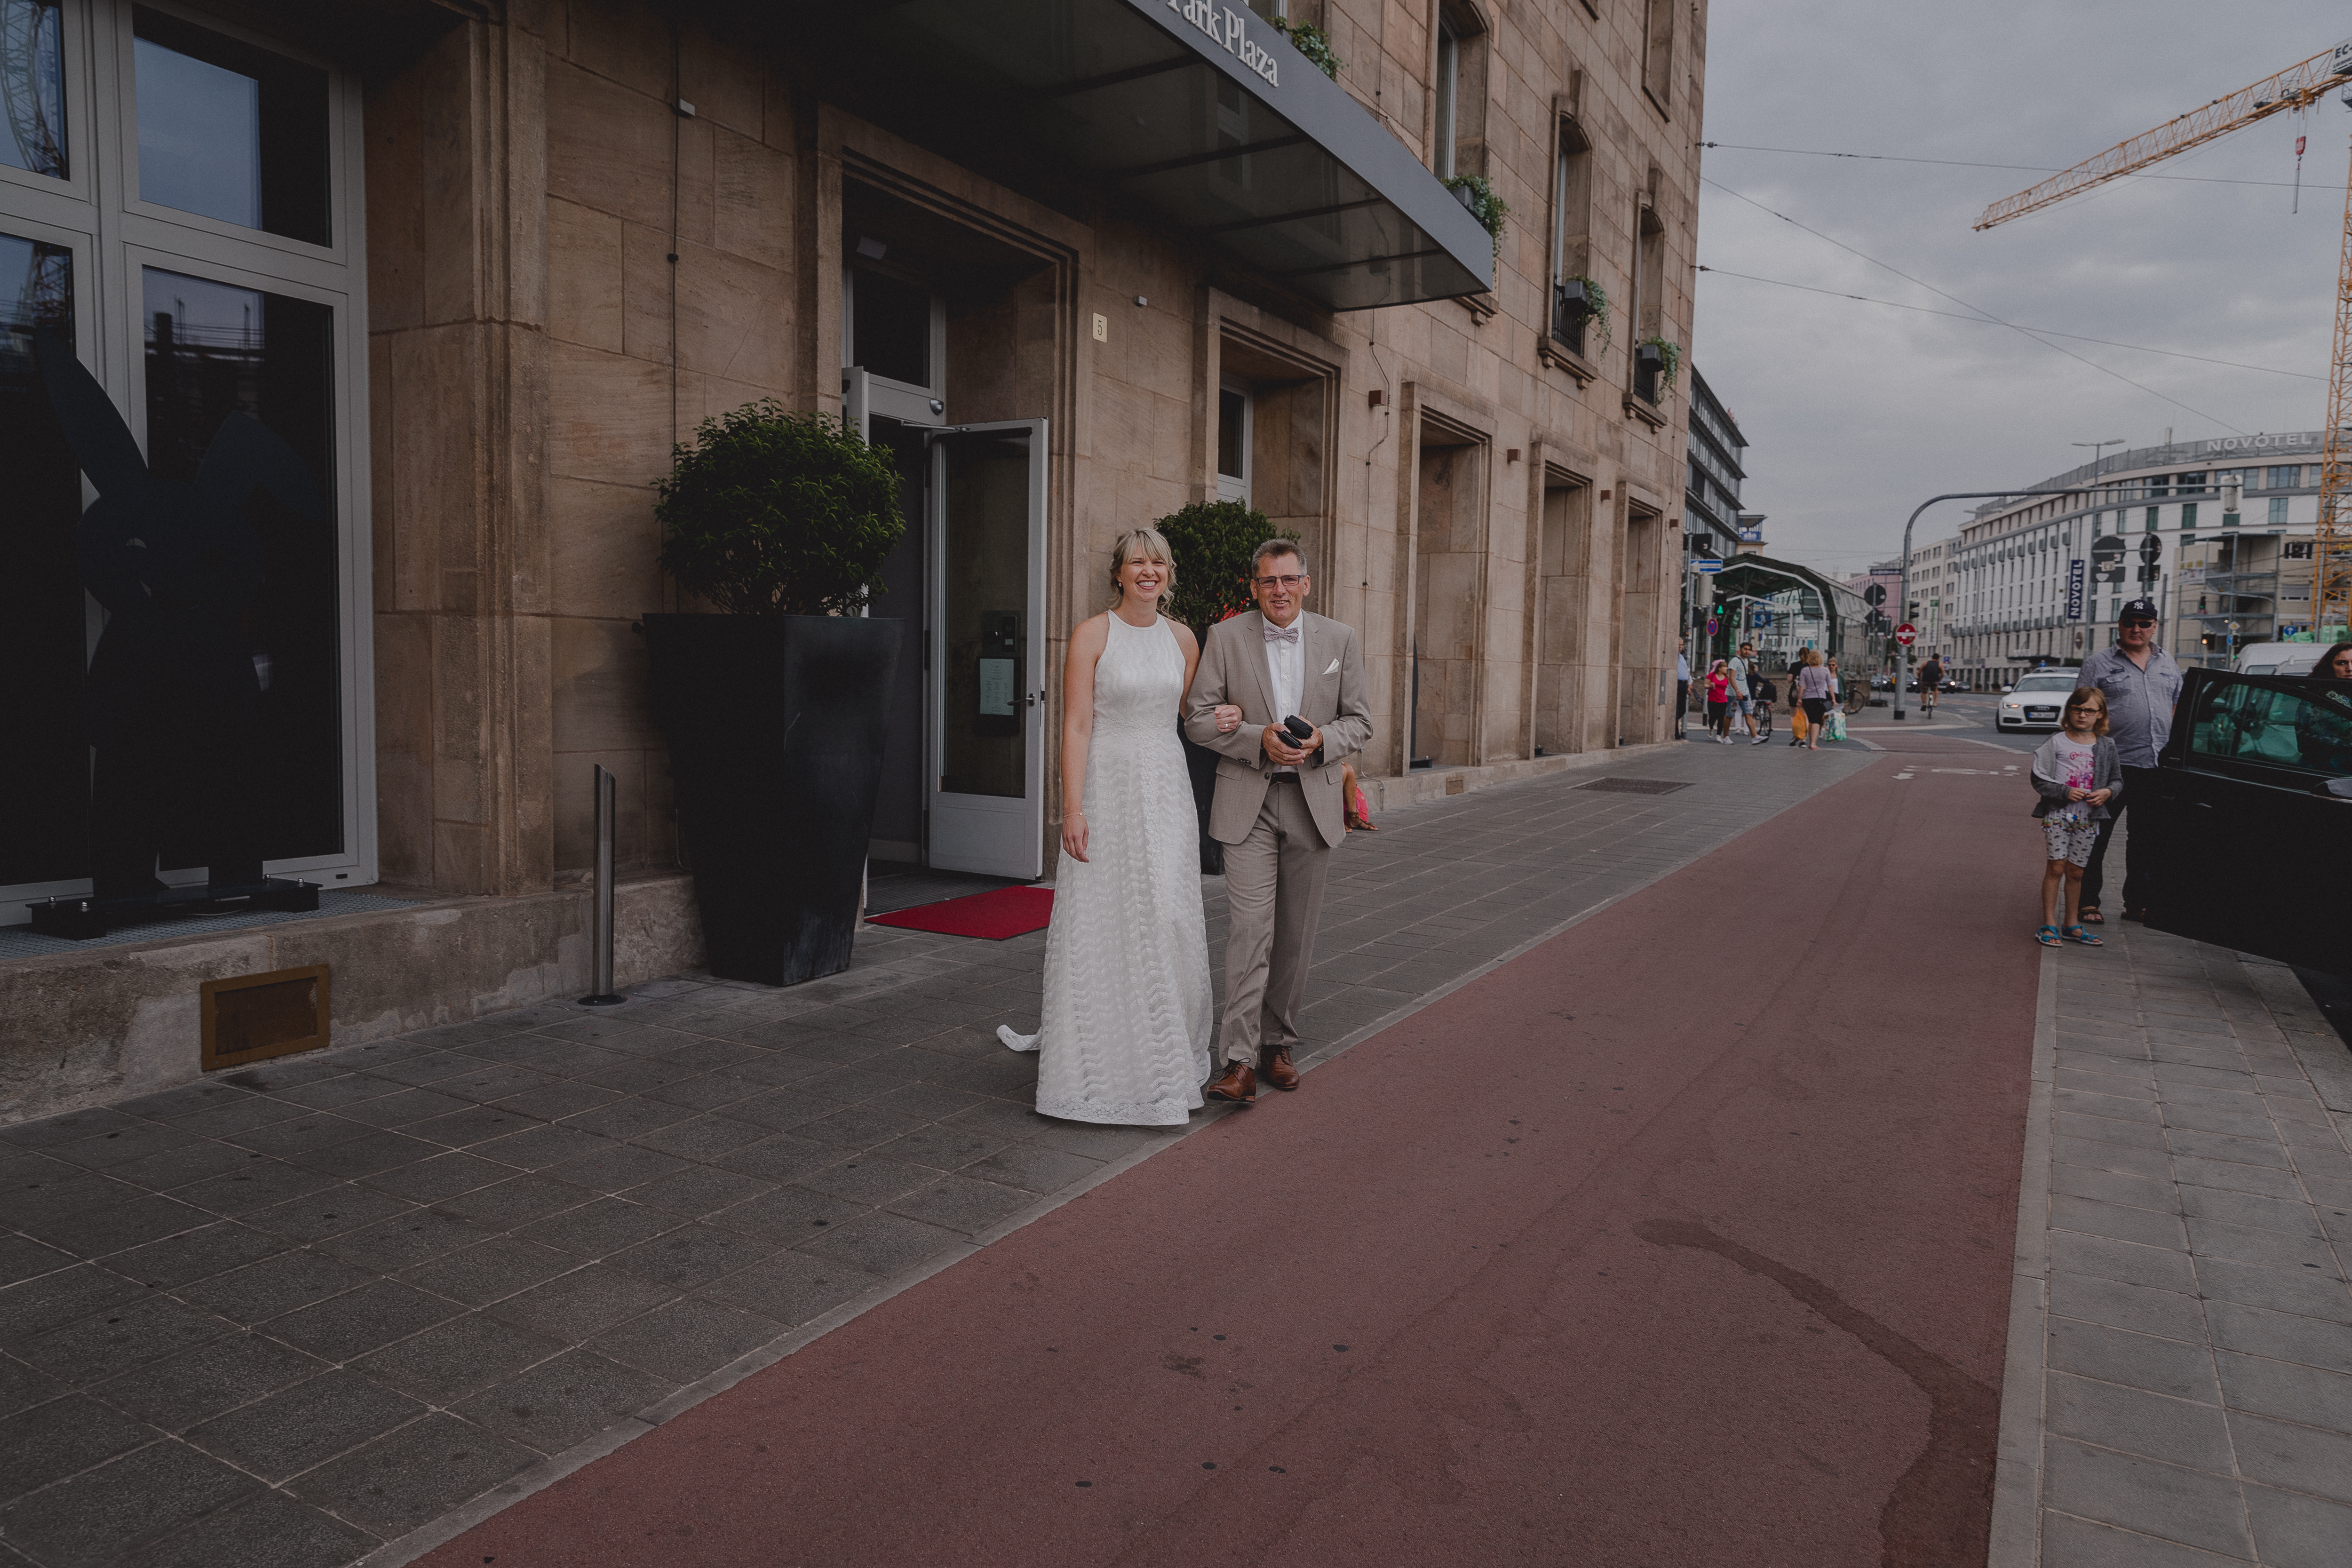 Hochzeitsfotograf-Nuernberg-Design-Offices-Urbanerie-Sabrina-und-Simon-007